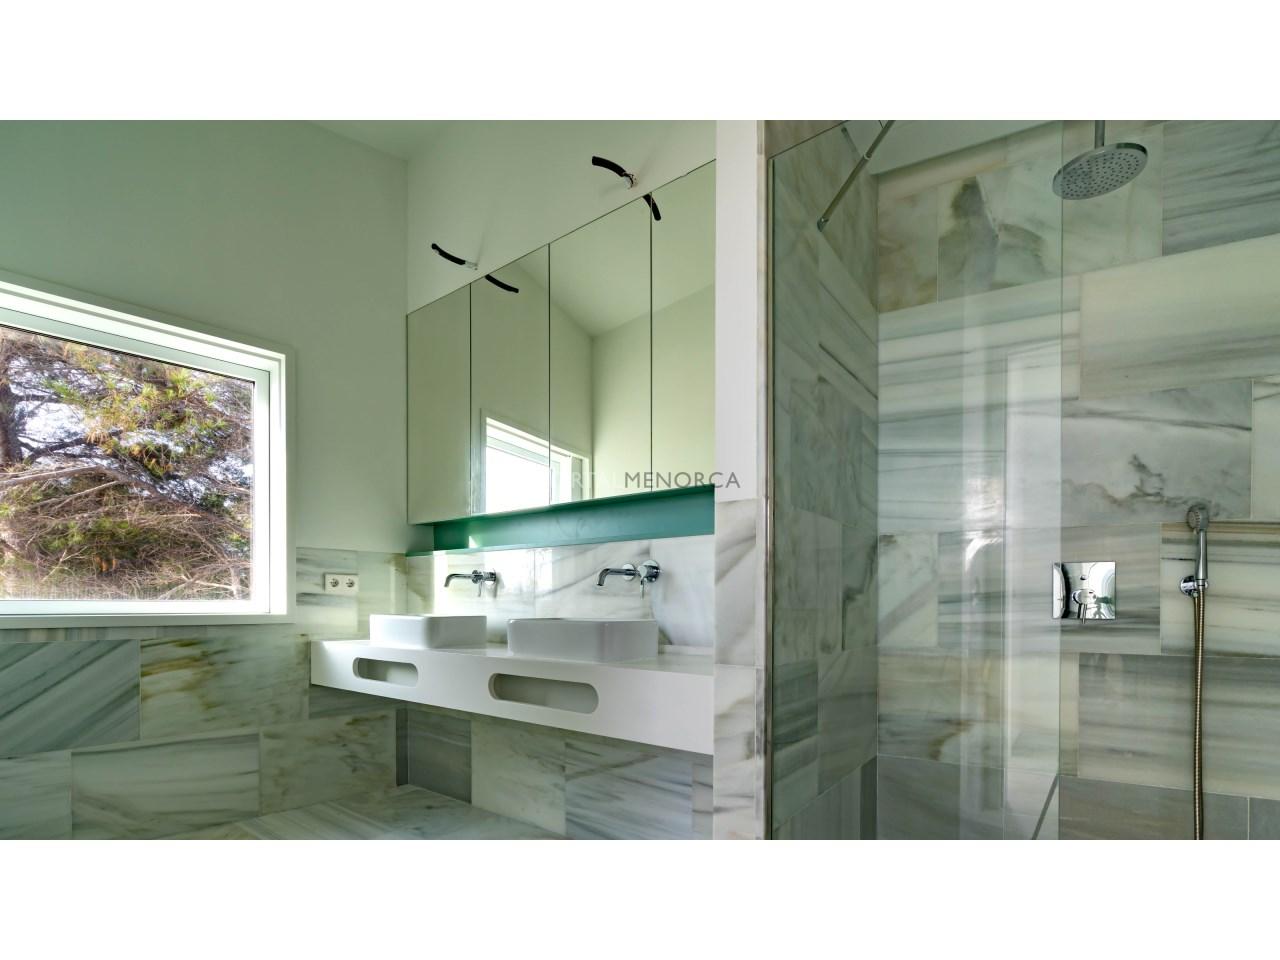 acheter-maison-luxe-coves-noves-menorca (5)